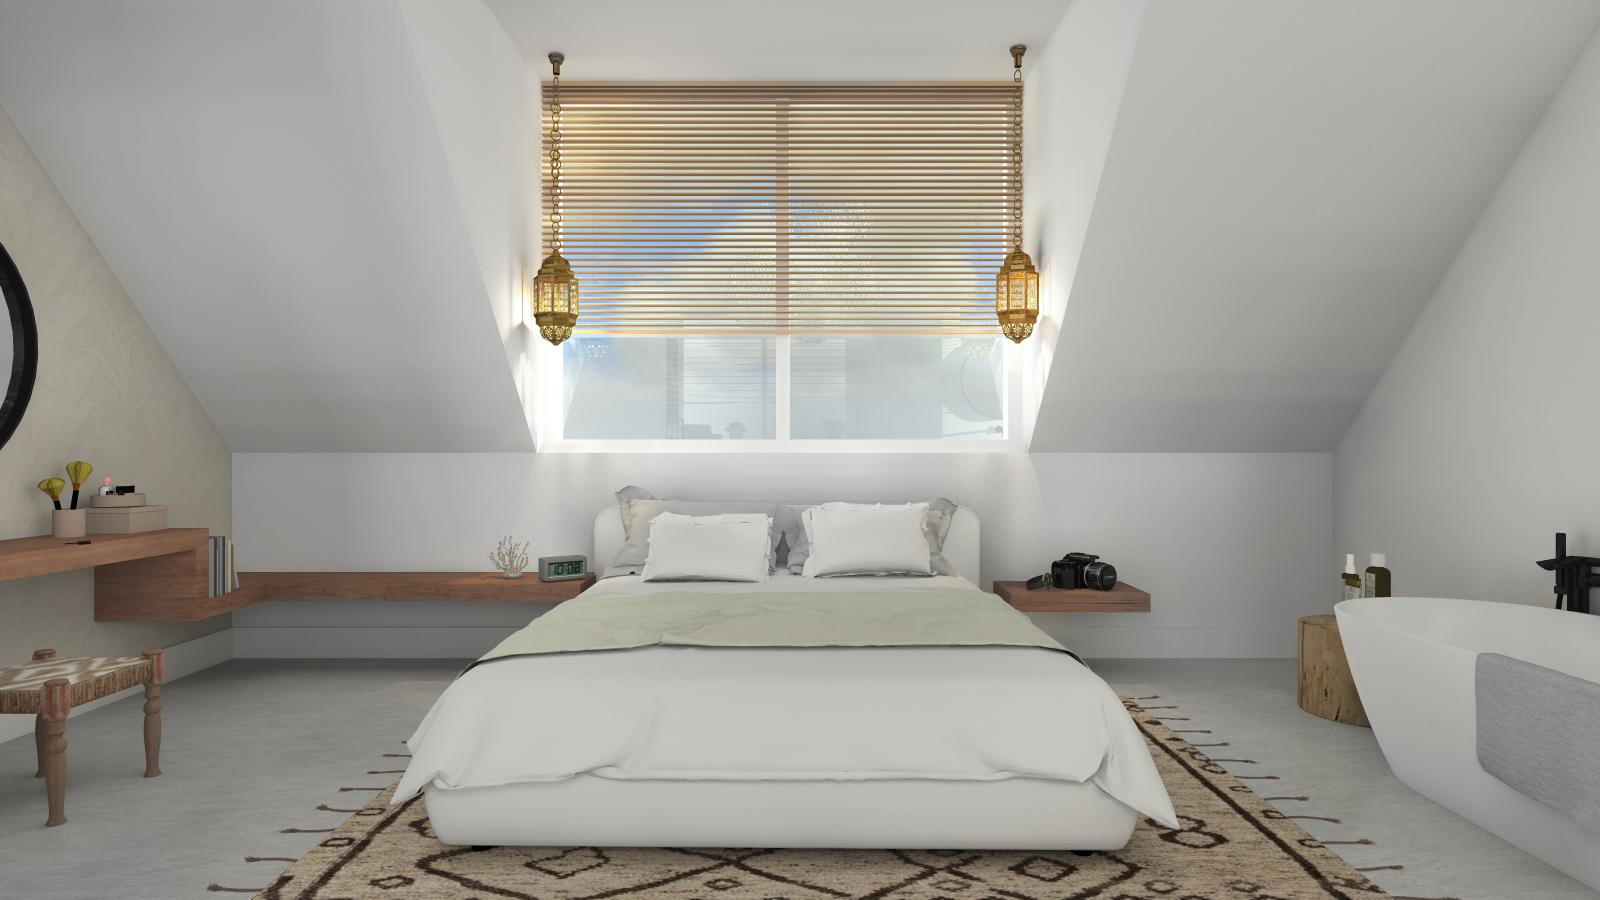 Midden naar bed_cam1b